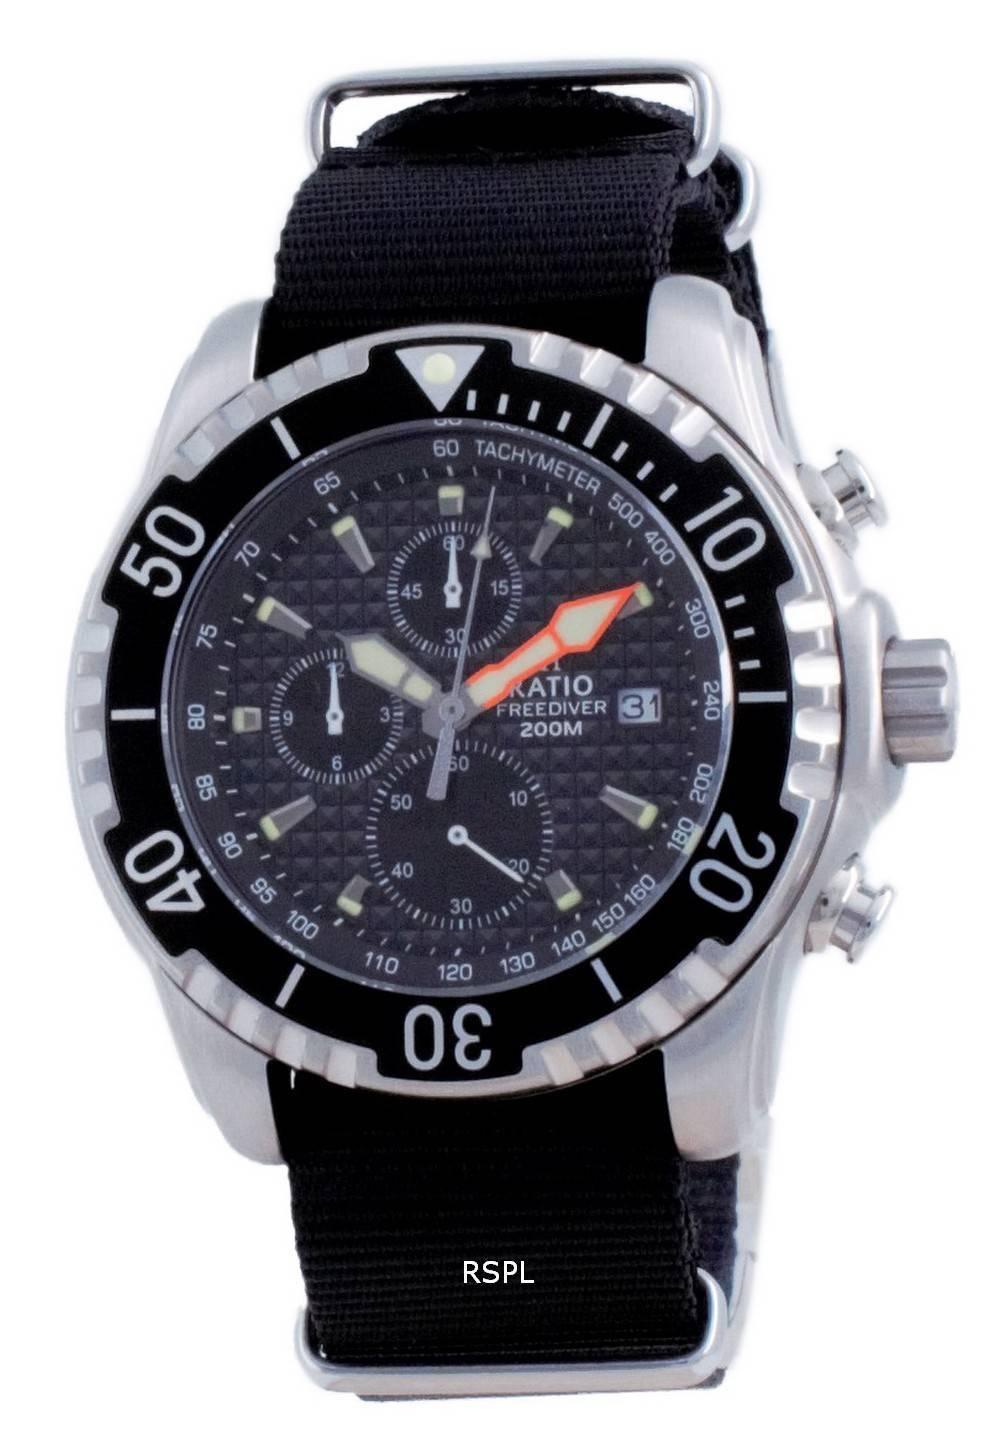 Suhde vapaa sukeltaja Chronograph Nylon Quartz Diver&#39,s 48HA90-17-CHR-BLK-var-NATO4 200M miesten kello